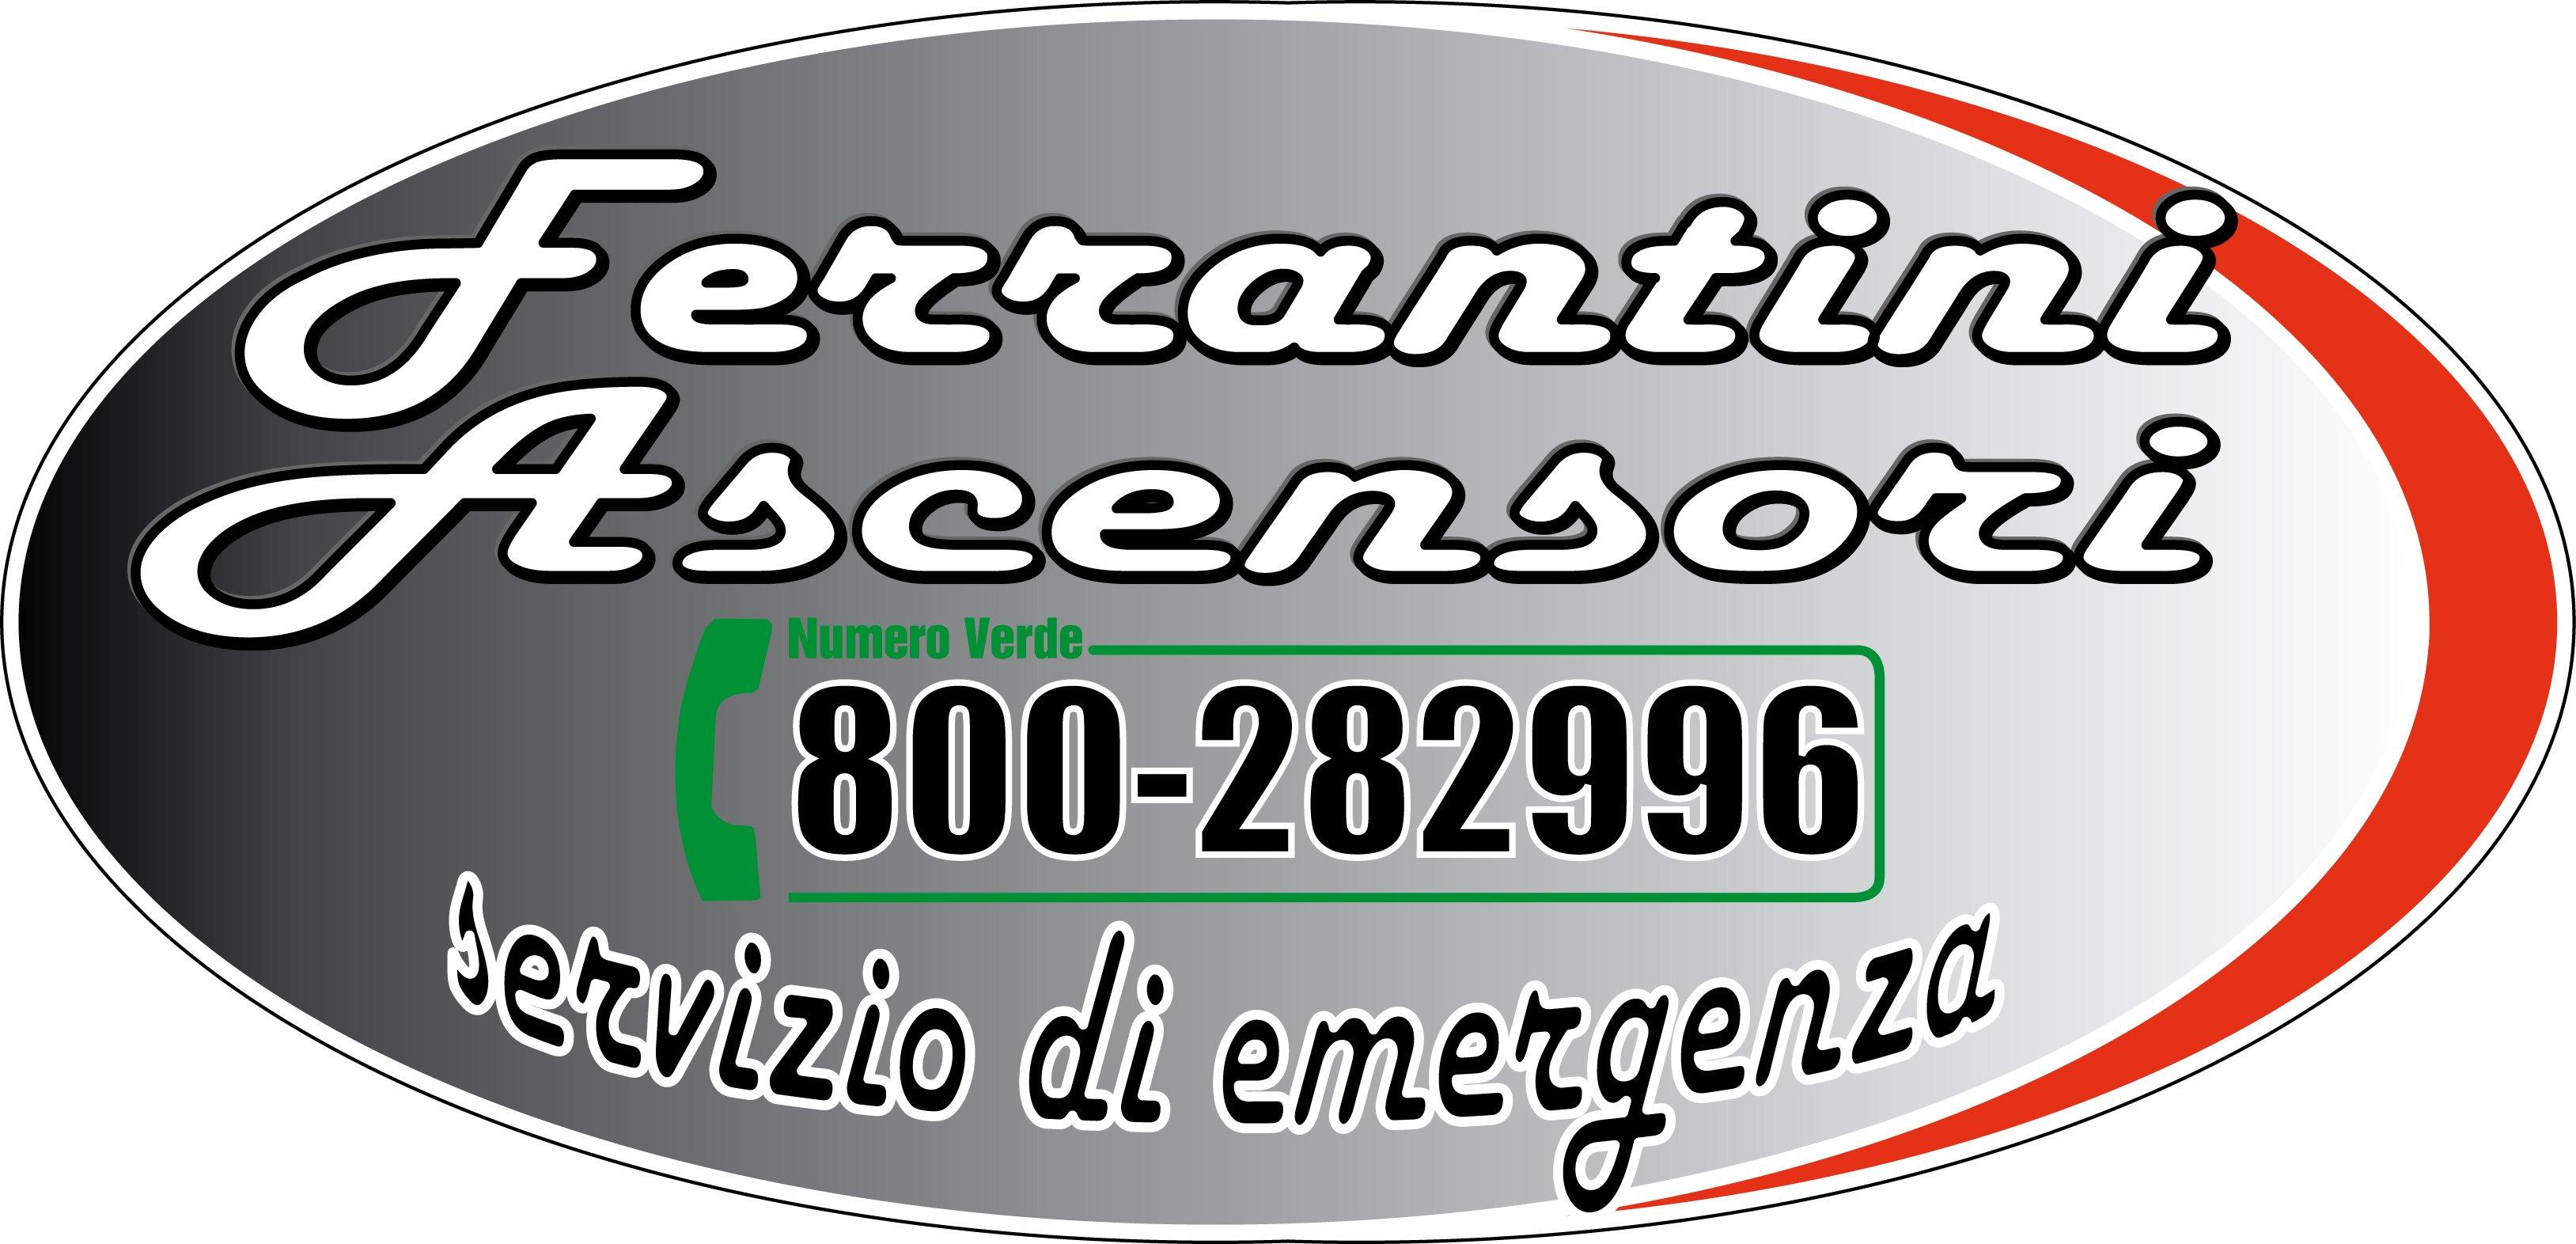 Ferrantini Ascensori